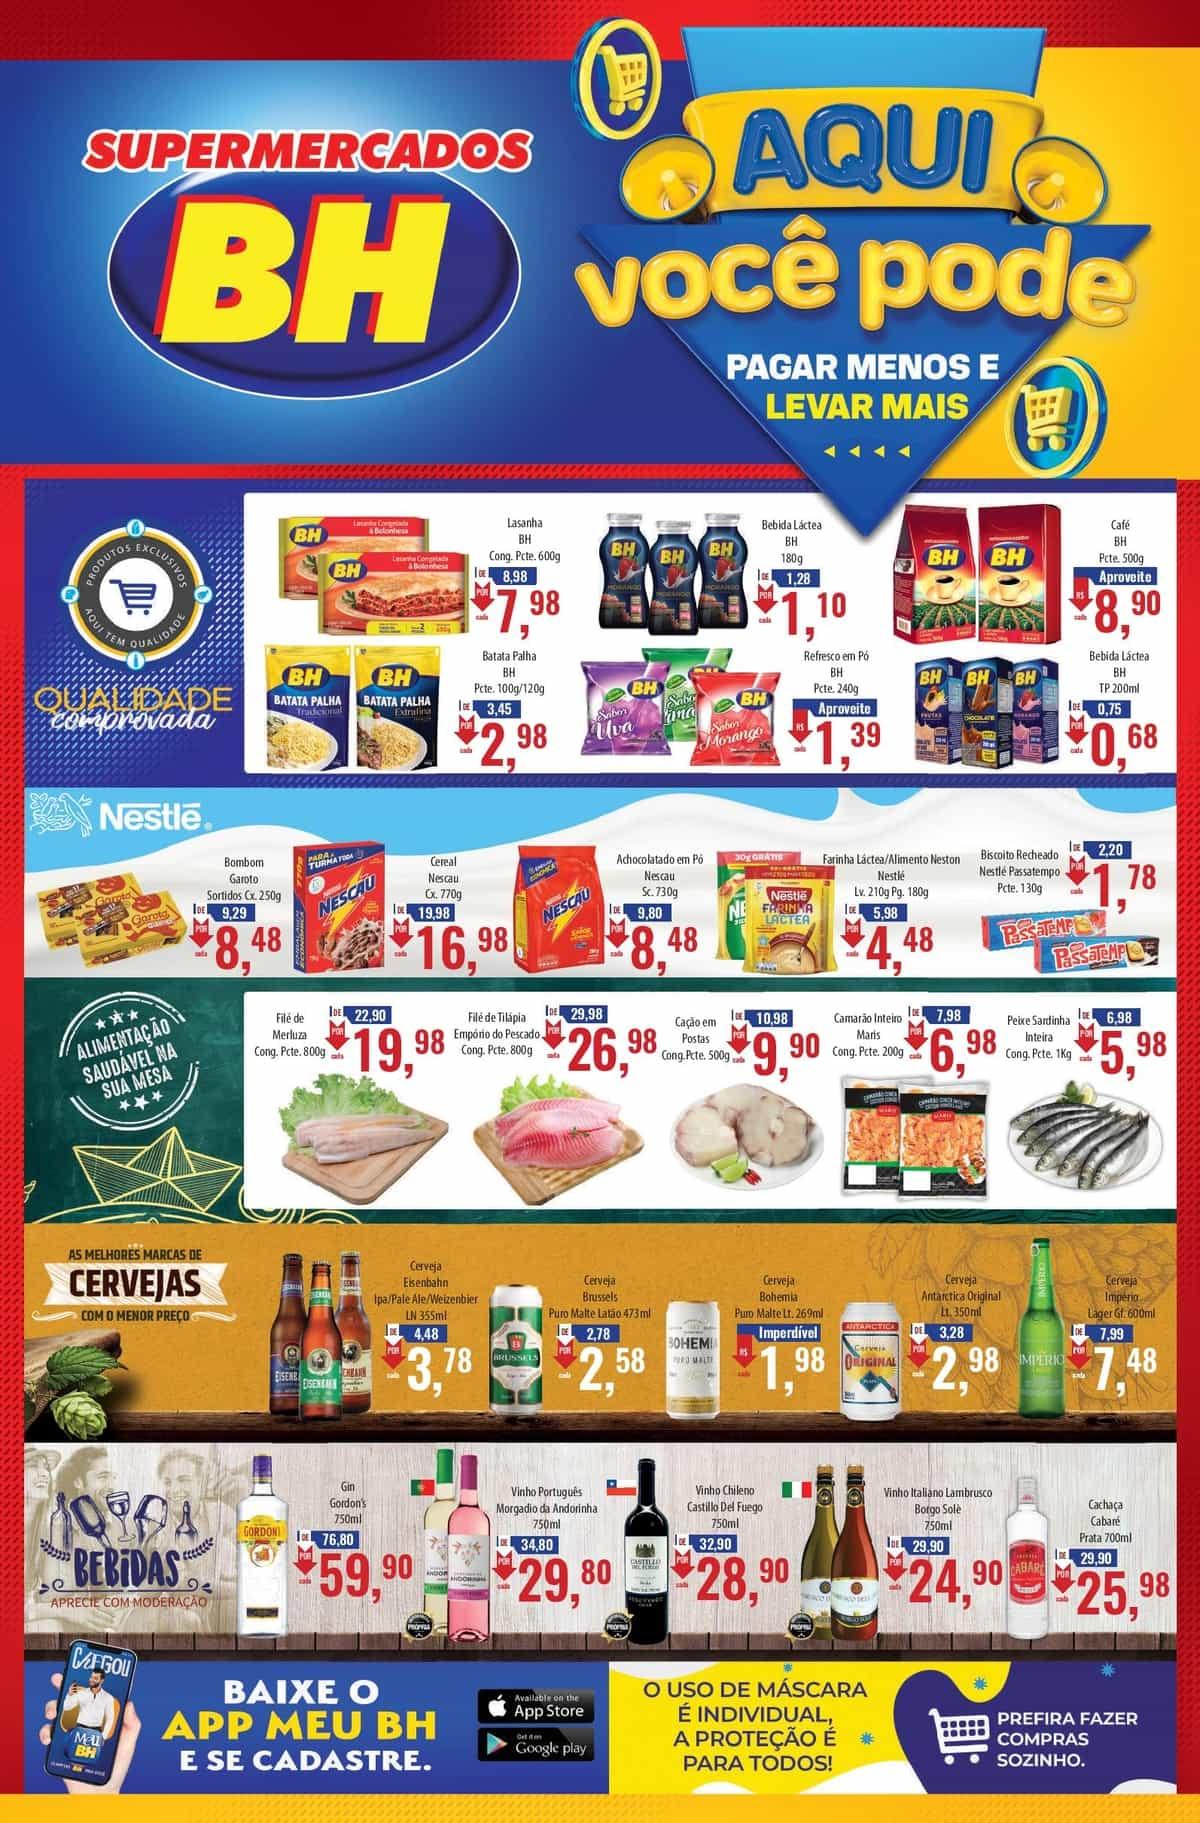 Ofertas Supermercados BH até 20/09